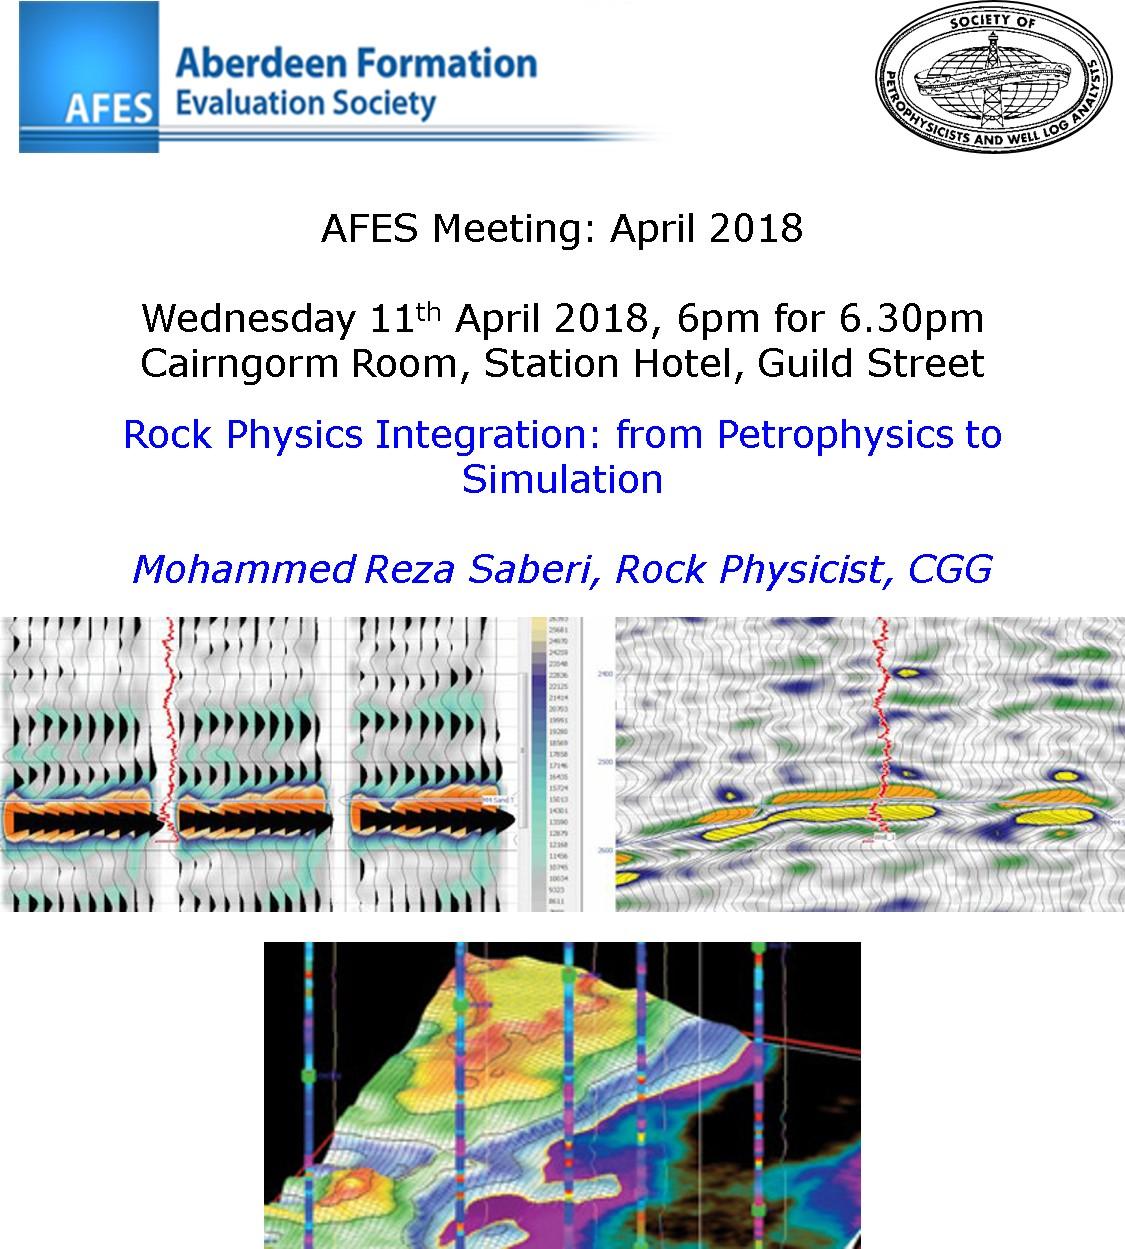 AFES Meeting: 11th April, 2018